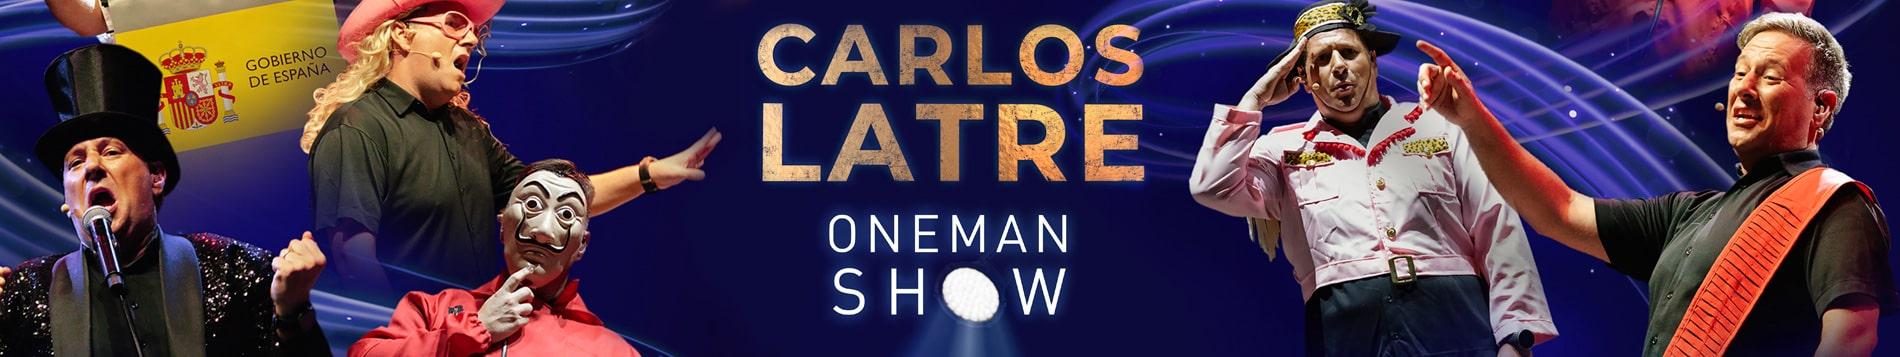 Carlos Latre - OneMan Show